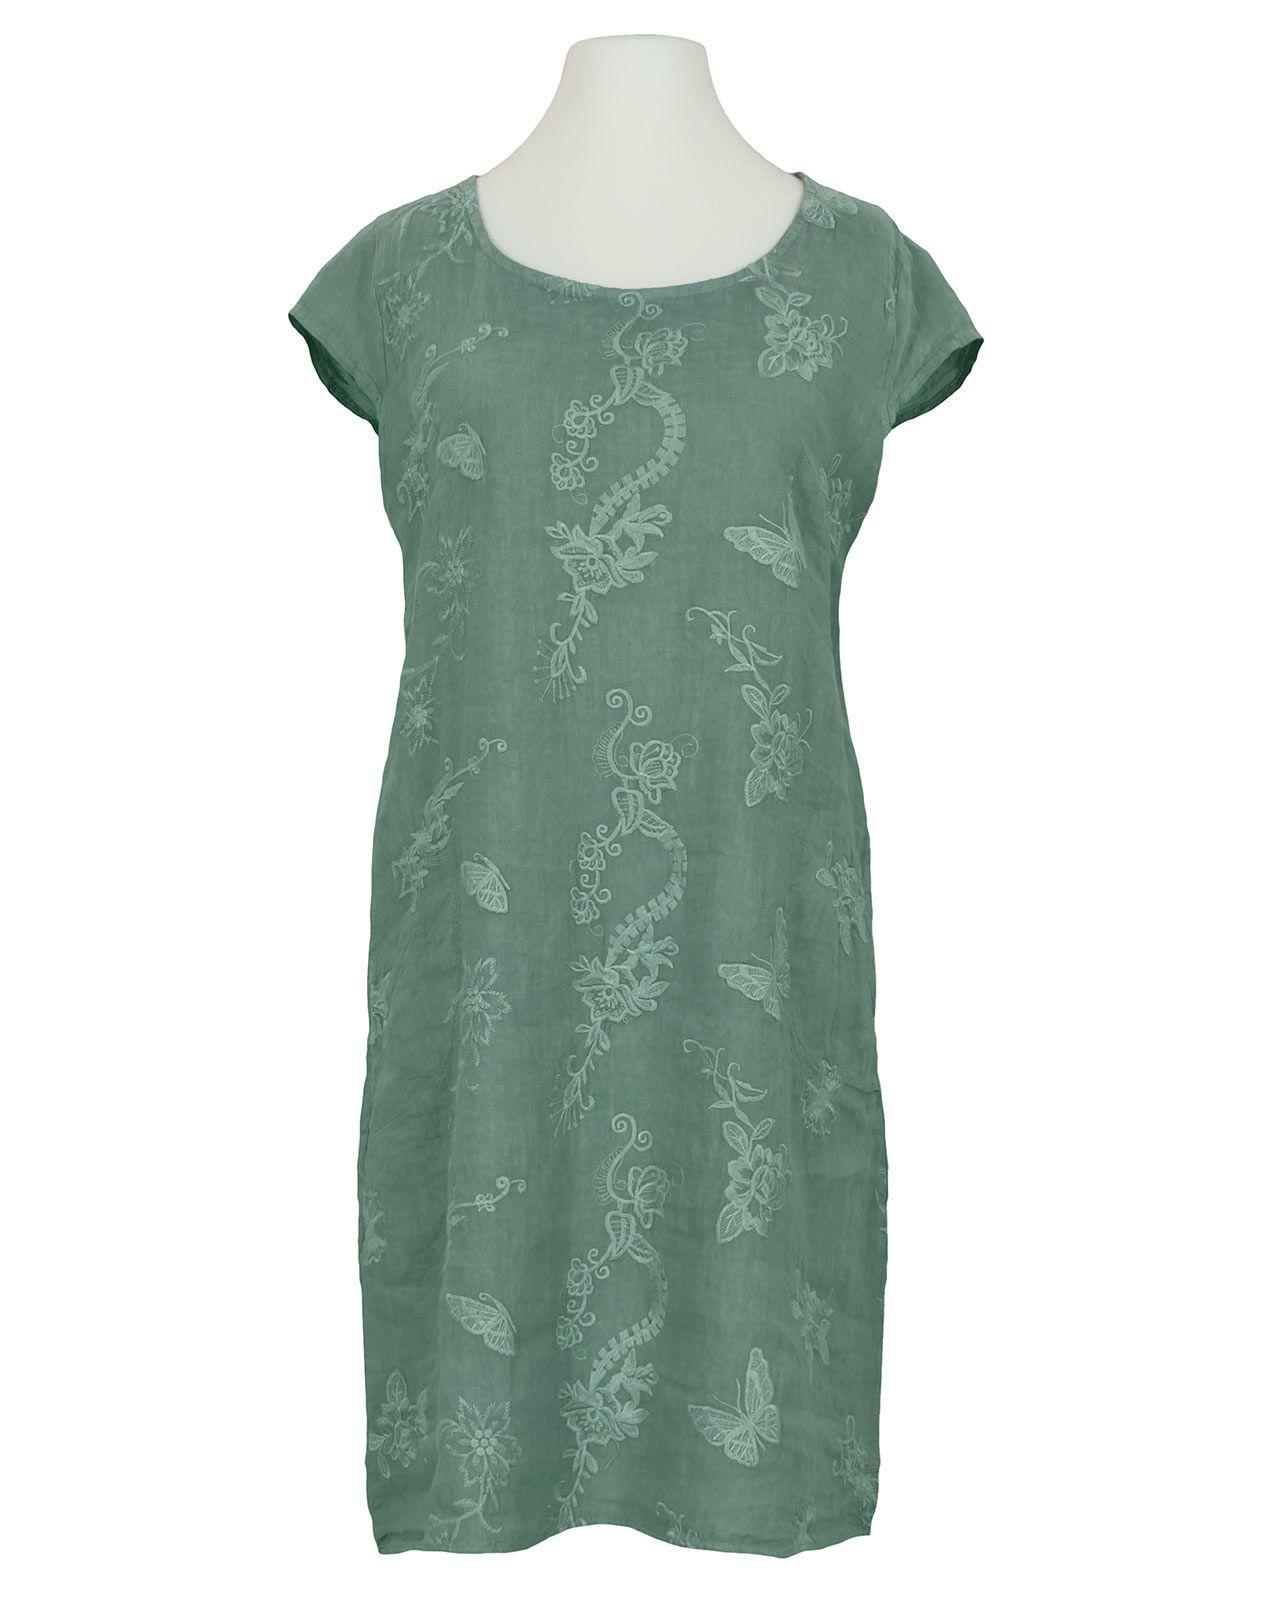 leinenkleid mit stickerei, lindgrün bei meinkleidchen kaufen